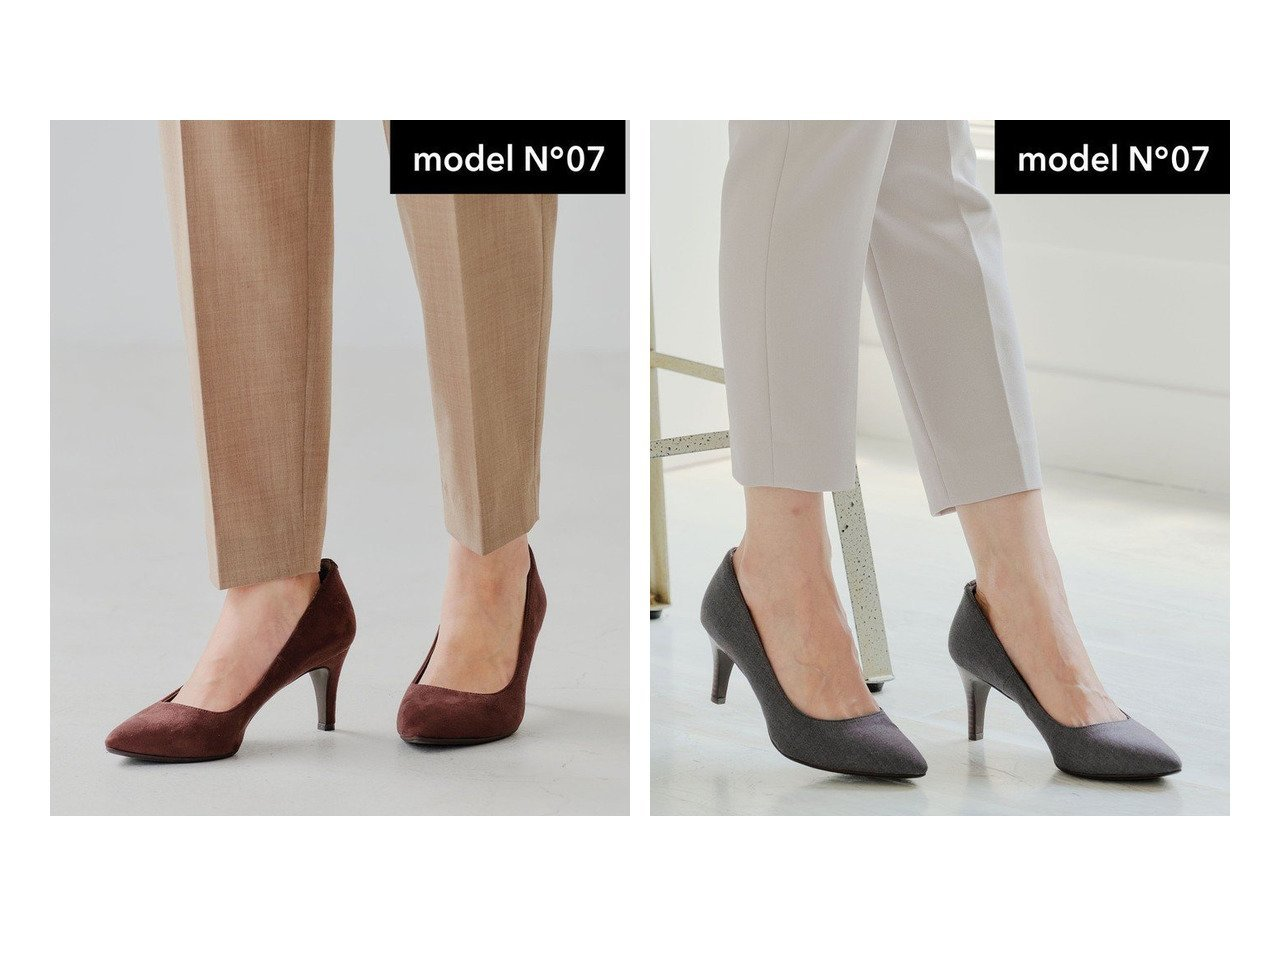 【green label relaxing / UNITED ARROWS/グリーンレーベル リラクシング / ユナイテッドアローズ】のmodel NO.07 D ポインテッド プレーン パンプス(7cmヒール) シューズ・靴のおすすめ!人気トレンド・レディースファッションの通販 おすすめで人気のファッション通販商品 インテリア・家具・キッズファッション・メンズファッション・レディースファッション・服の通販 founy(ファニー) https://founy.com/ ファッション Fashion レディース WOMEN クッション シューズ デニム 定番 ハイヒール フィット フォルム プレーン ポインテッド |ID:crp329100000007271